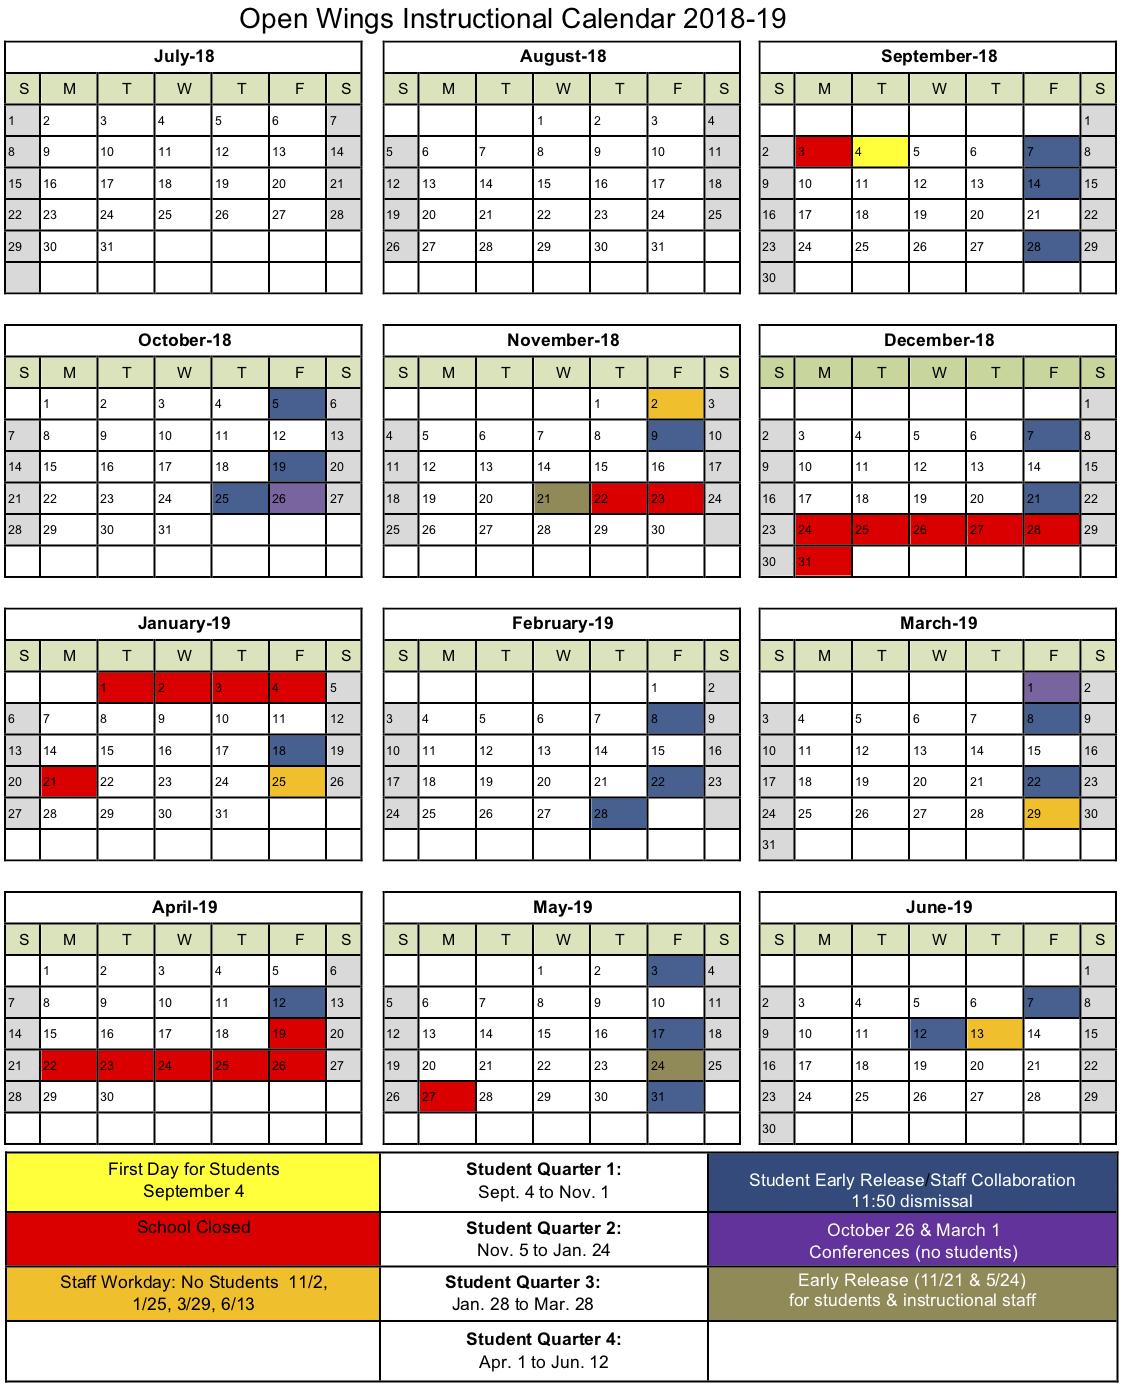 2018 to 2019 Calendar